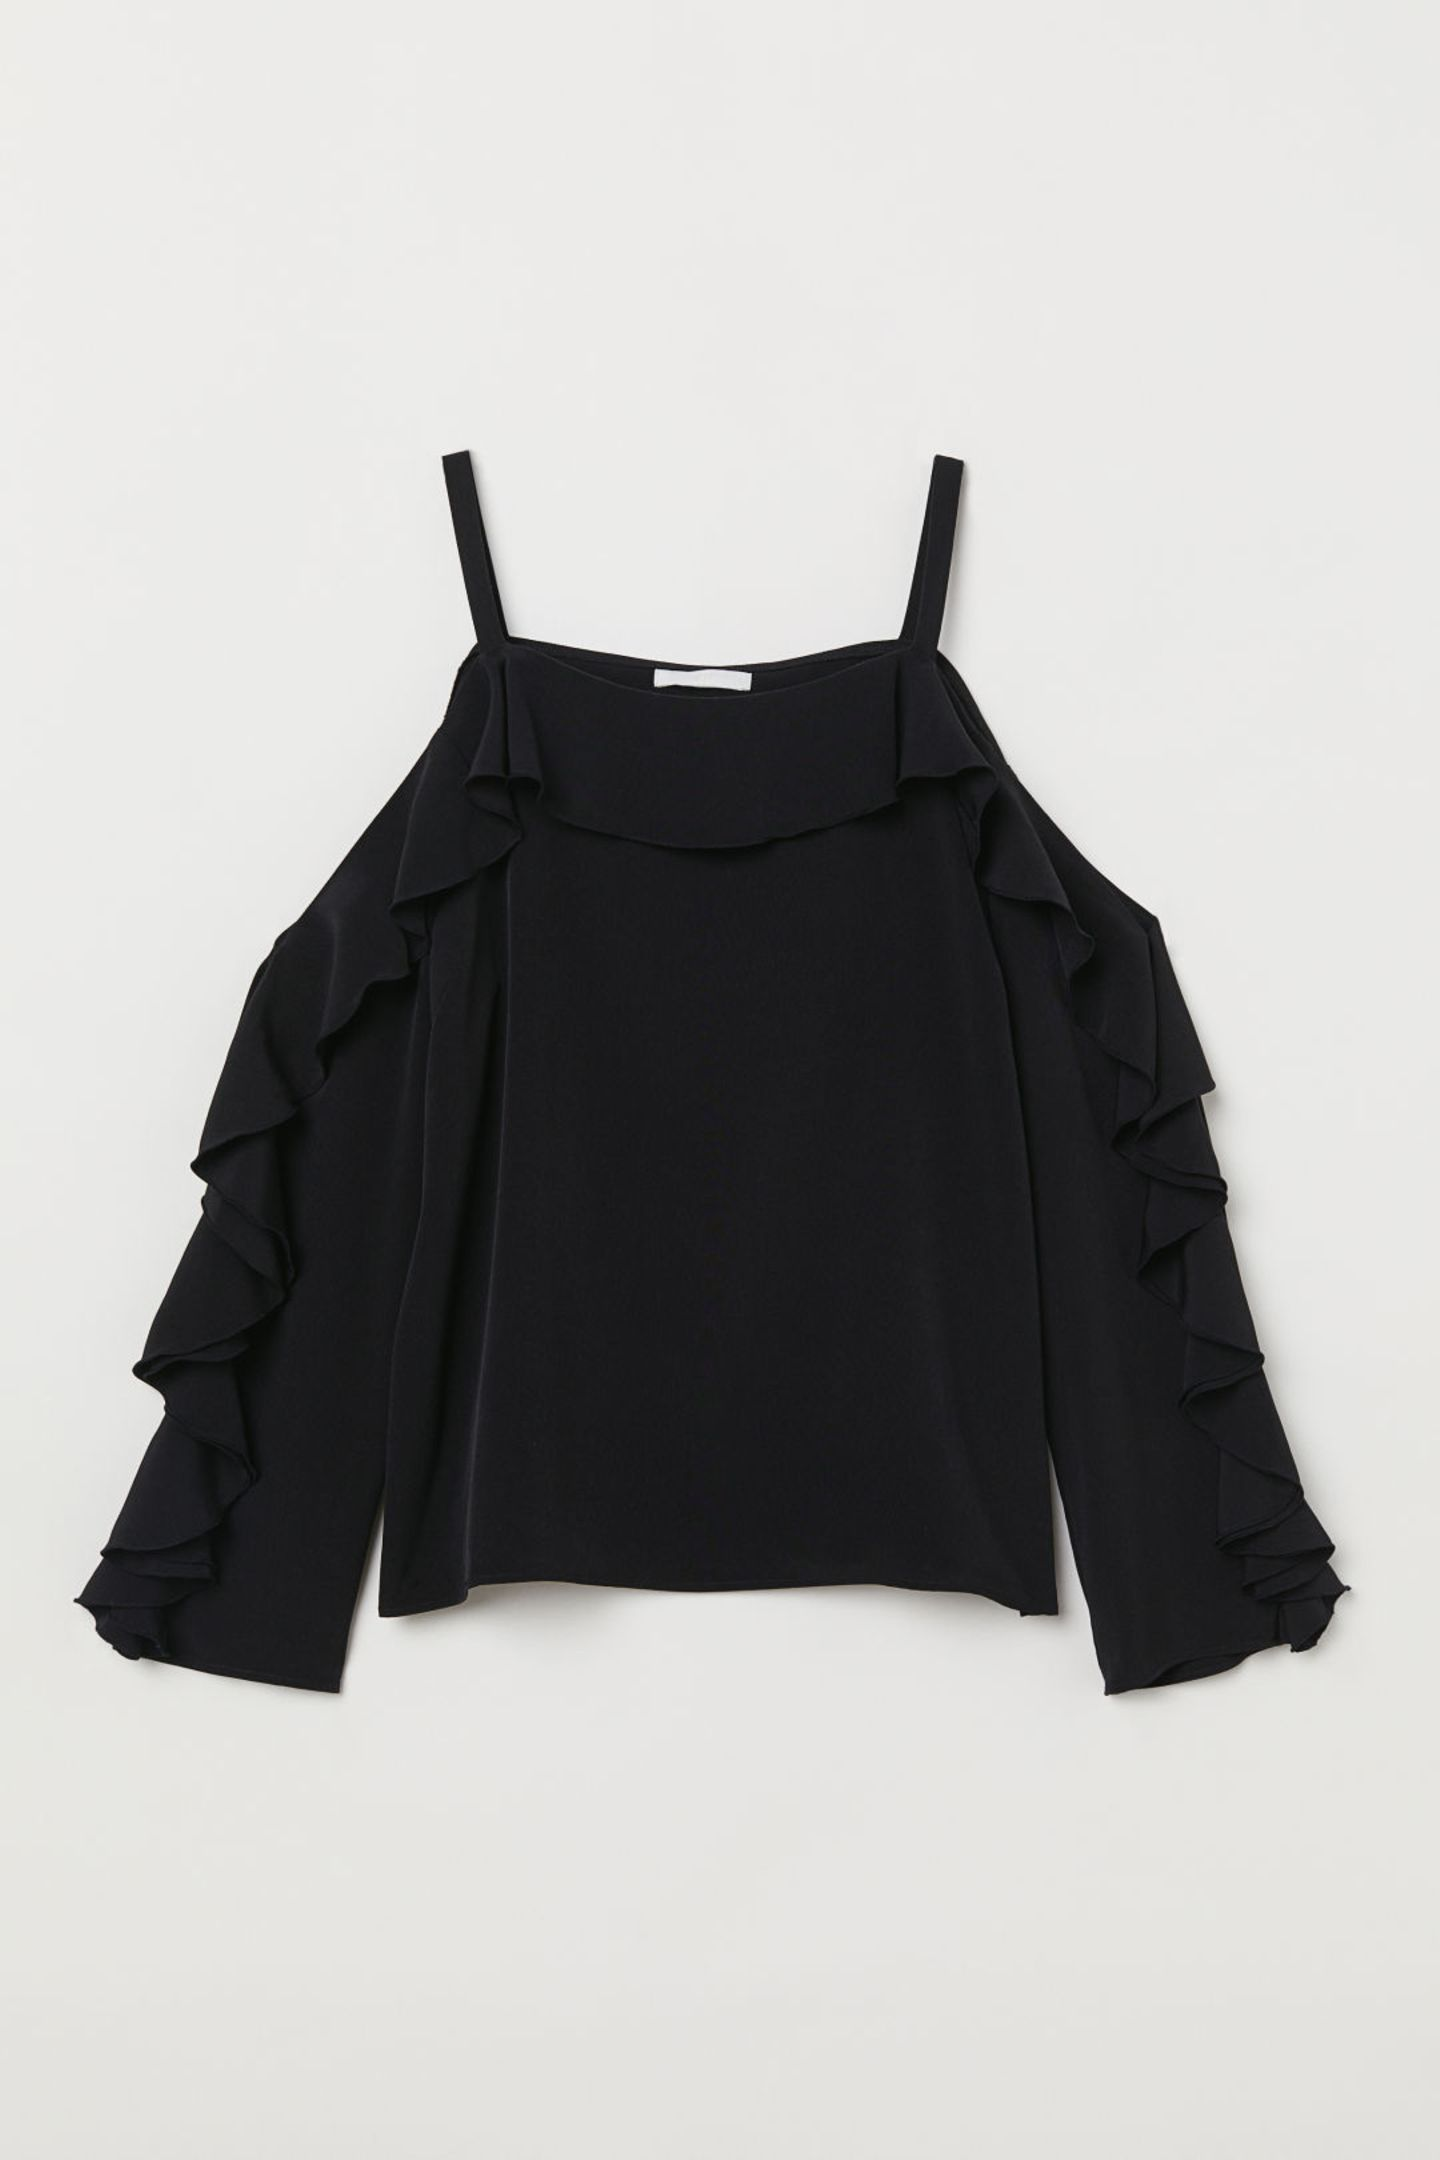 ... zeigen wir diese Saison jedem. Und zwar mit diesersüßenCold-Shoulder-Bluse von H&M.  Für etwa 13 Eurobei H&M erhältlich.